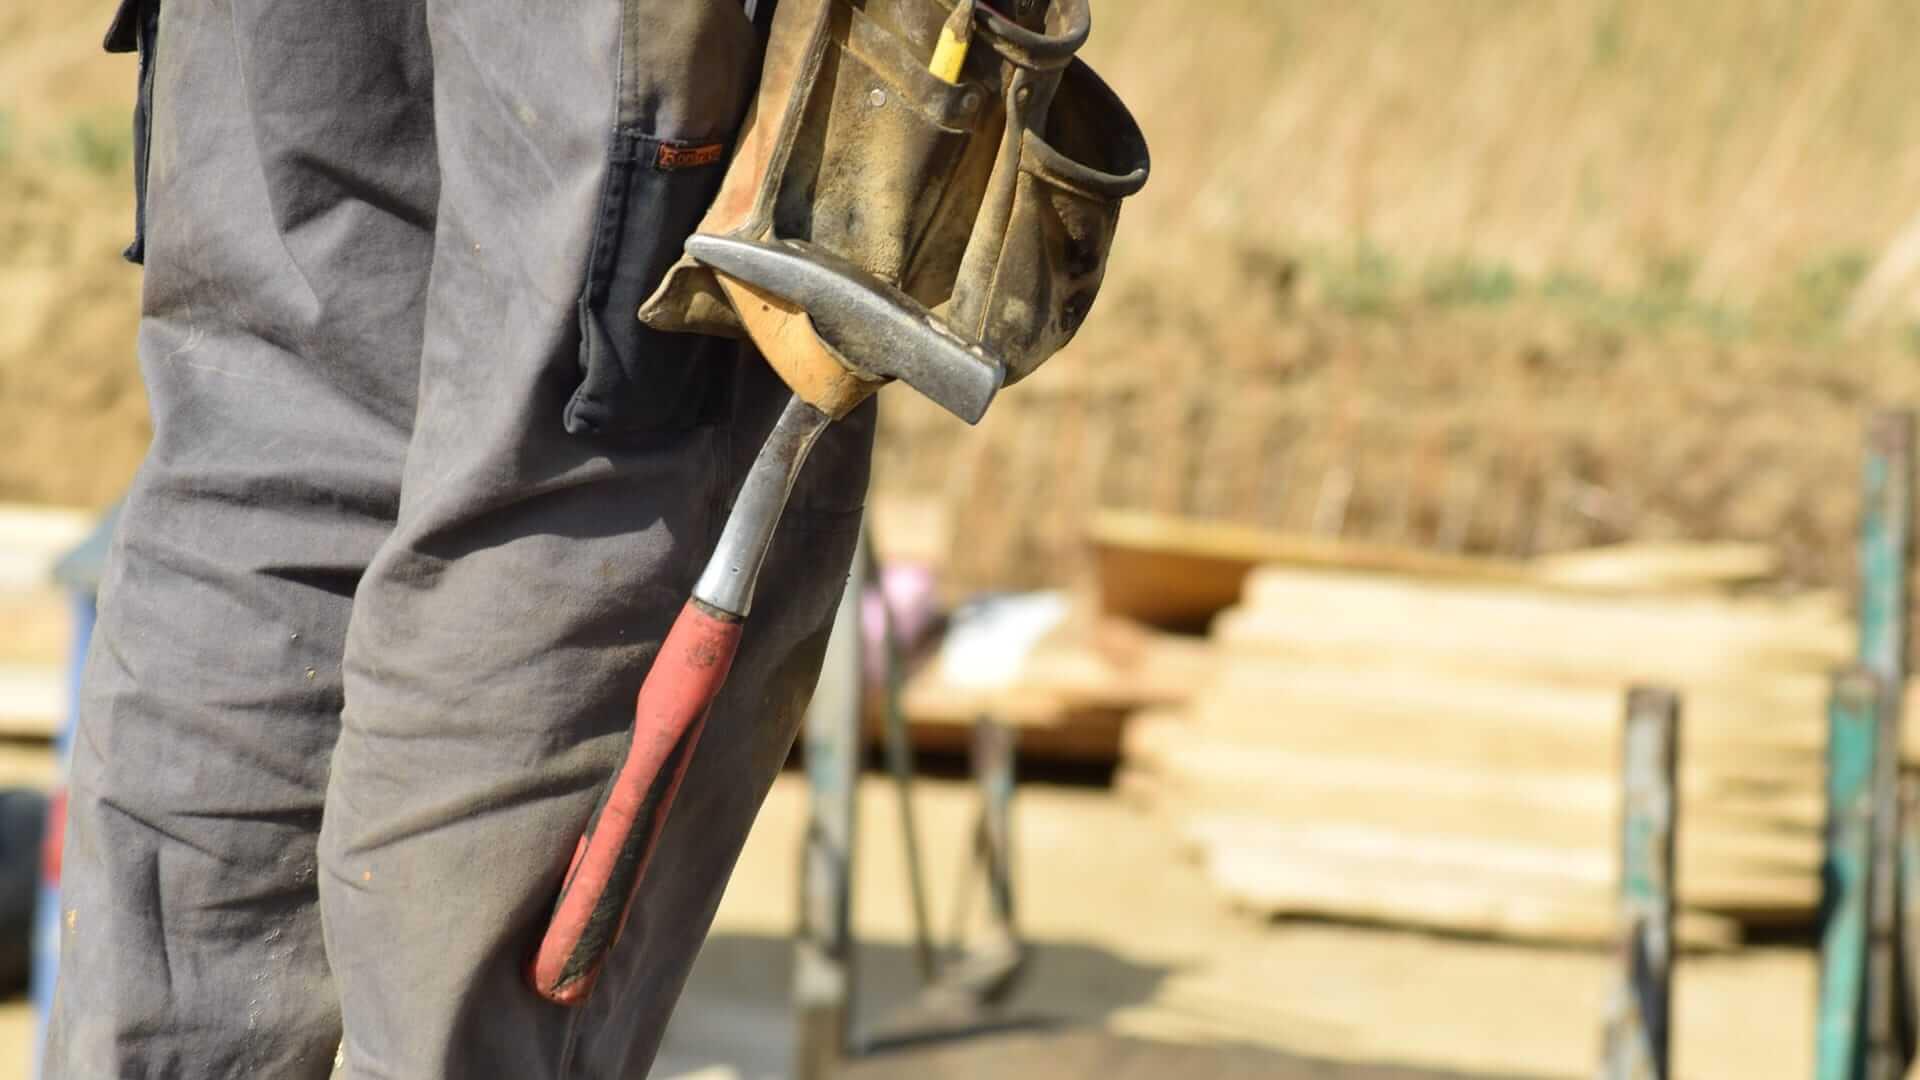 bouw, tienjarige, aansprakelijkheid, verzekering, beroepsaansprakelijkheid, diest, verzekeringsmakelaar, Maes Group